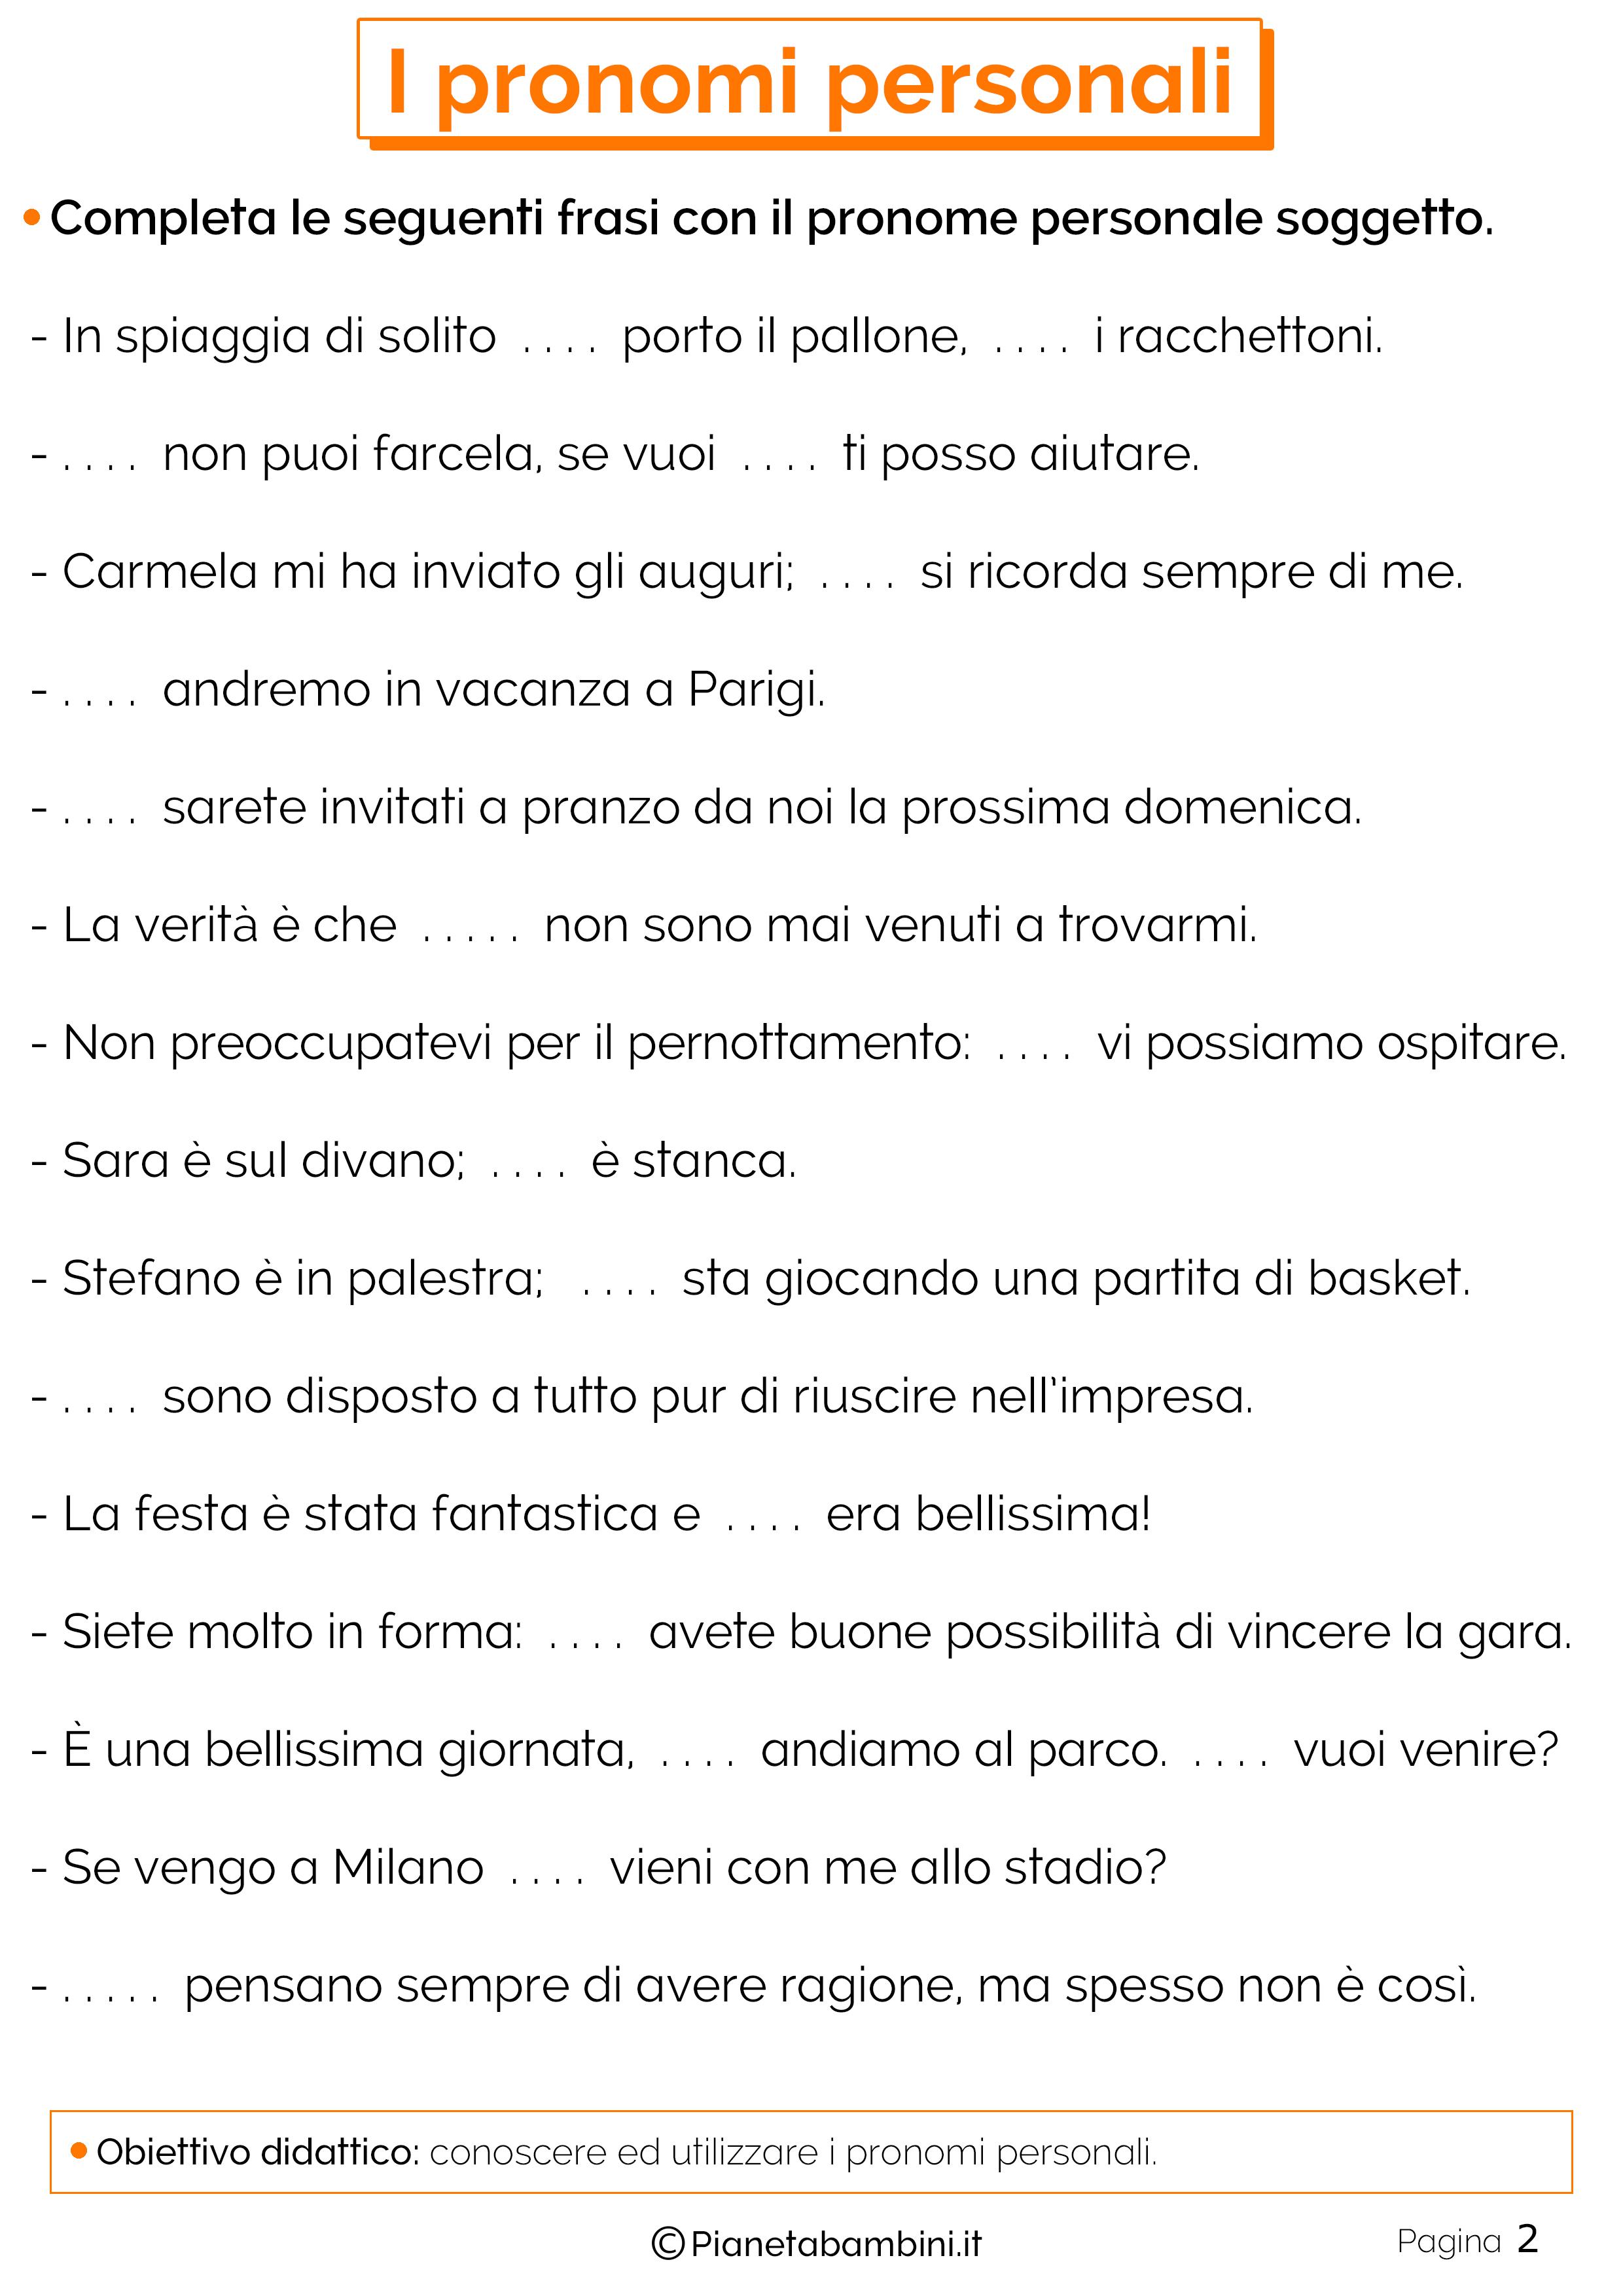 Esercizi sui pronomi personali 2